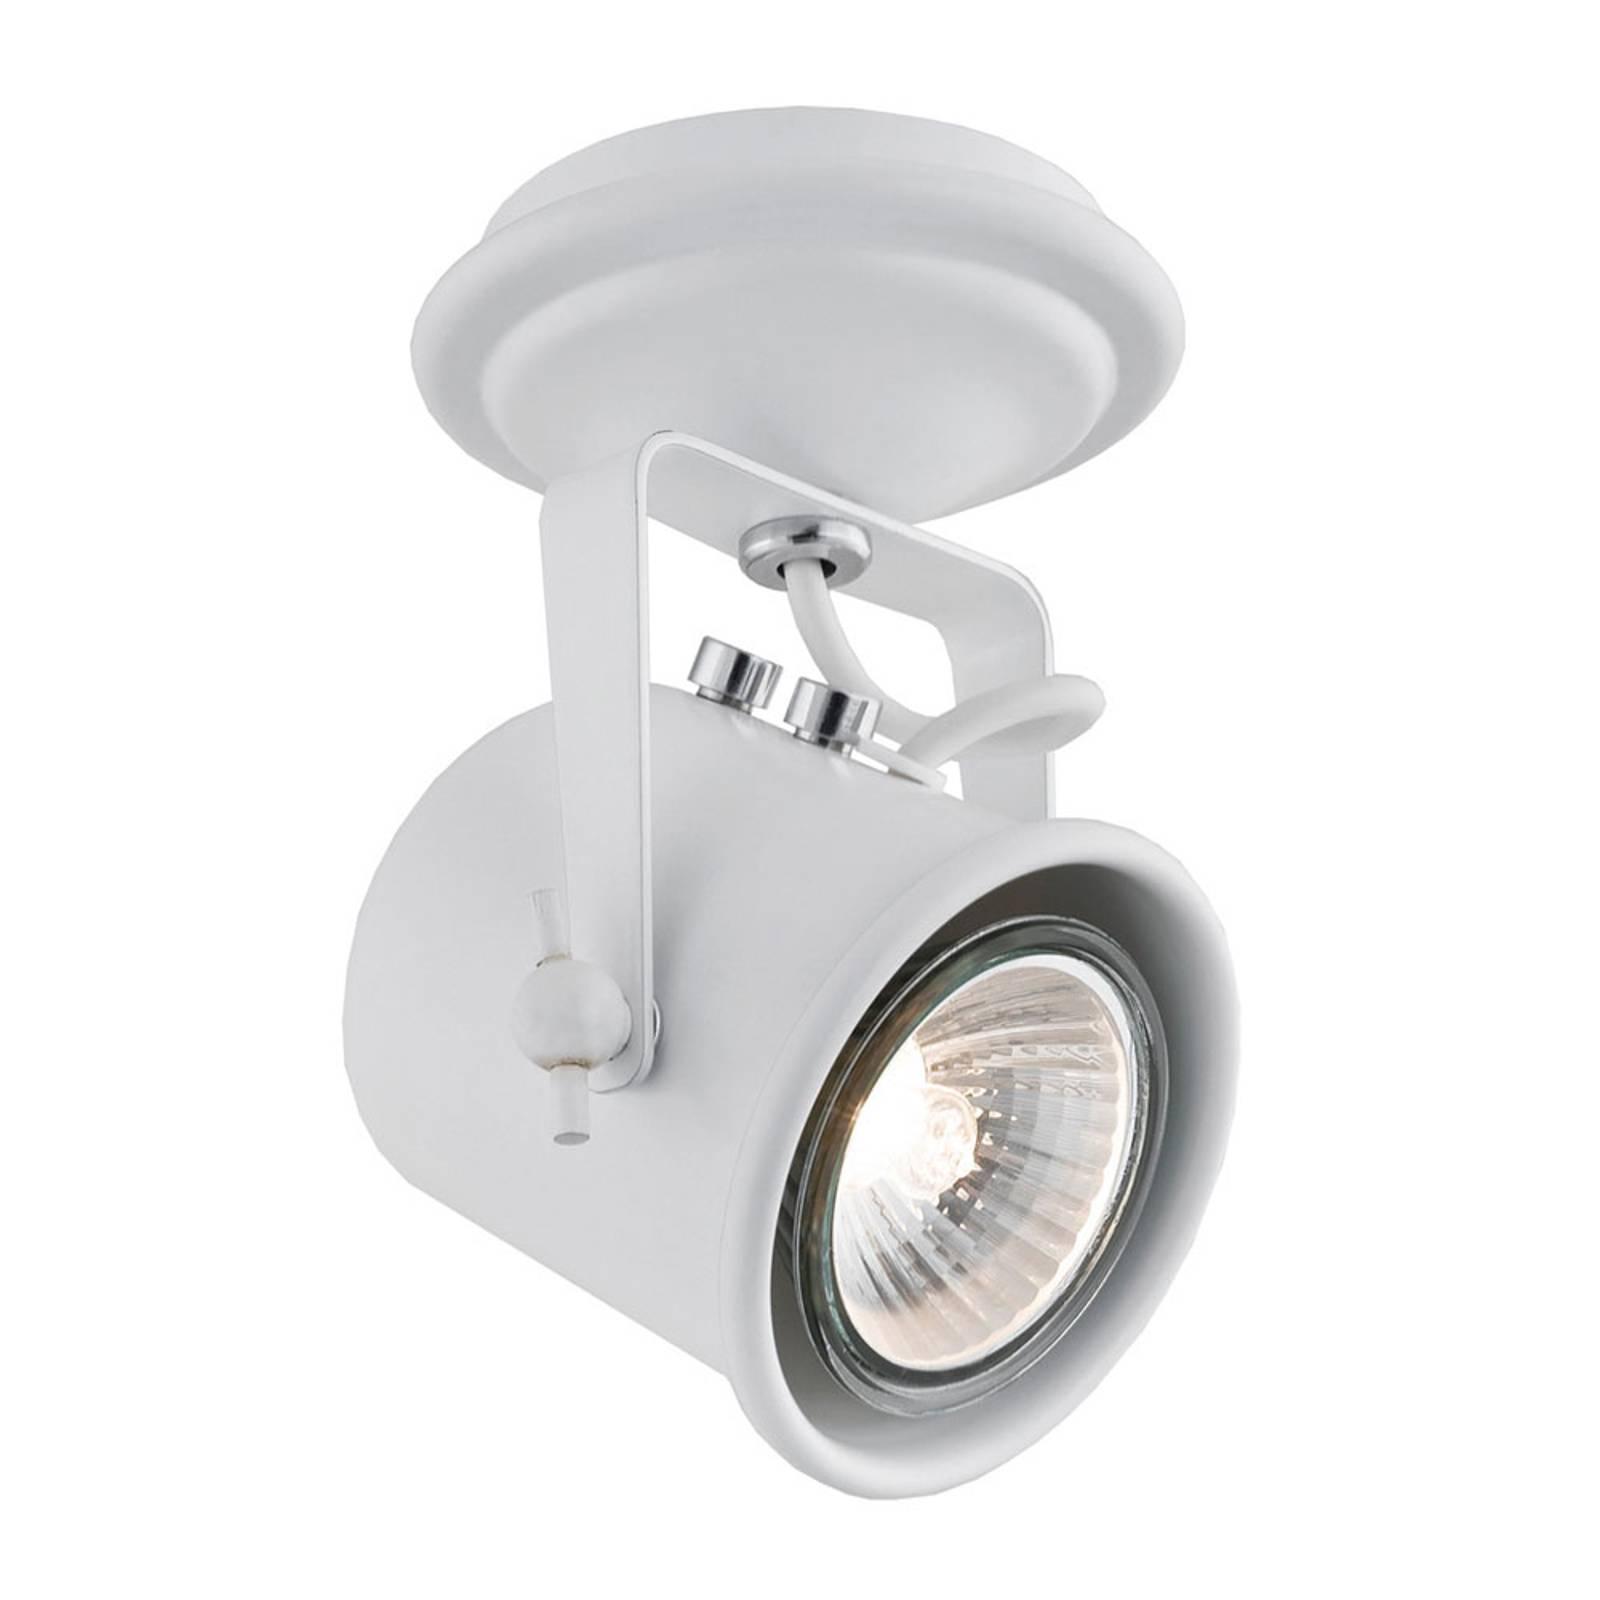 Kattospotti Canico, 1-lamppuinen, valkoinen